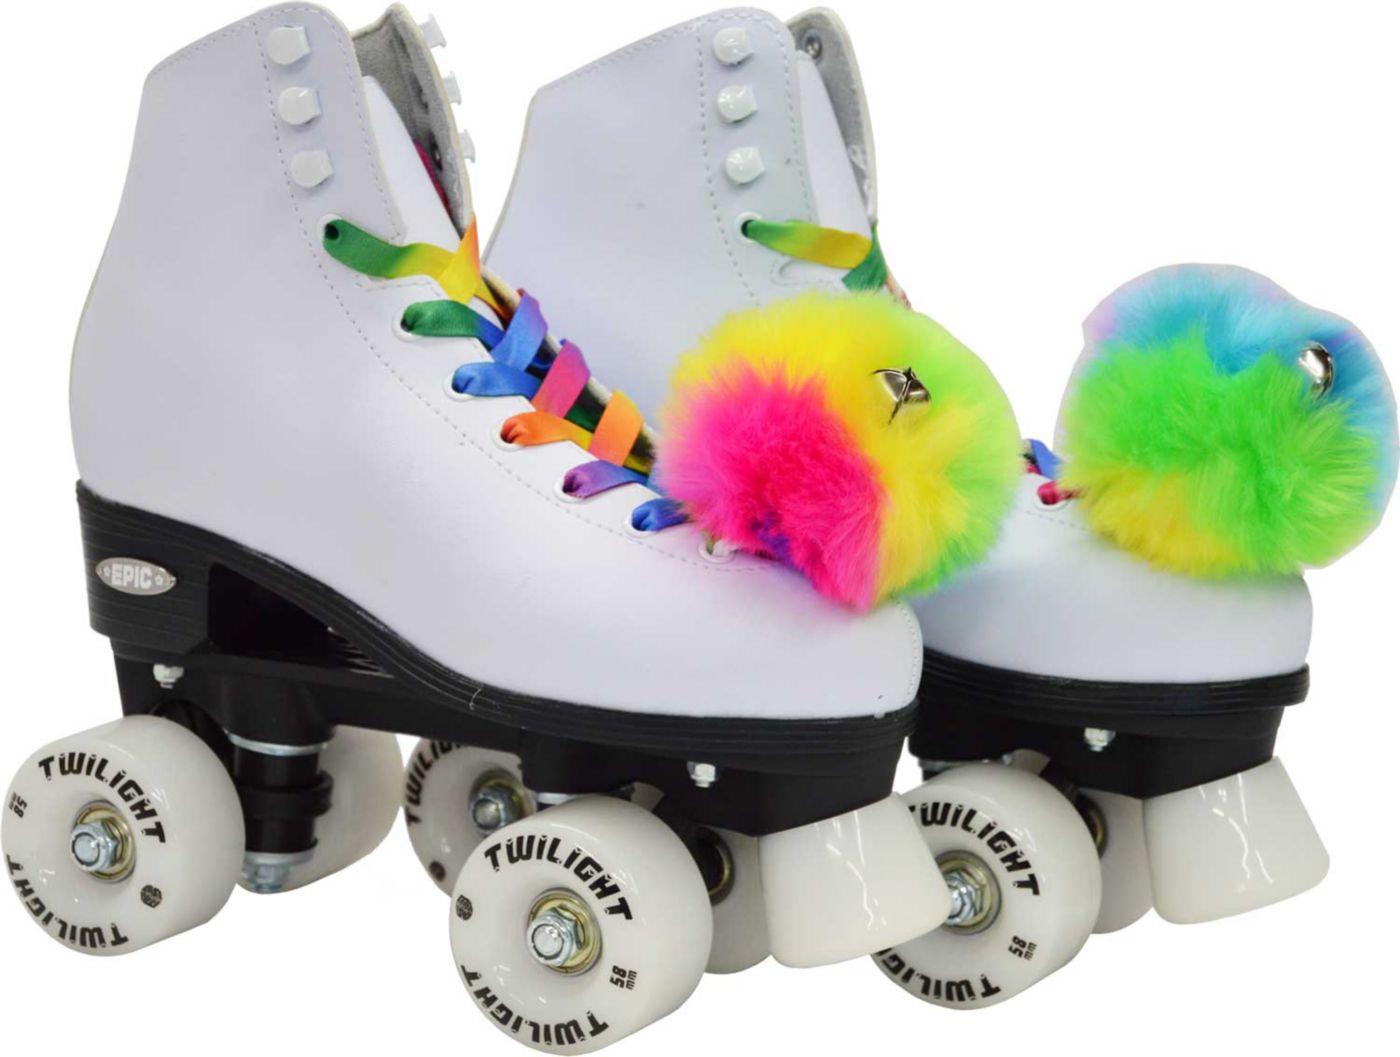 Epic Allure Quad Roller Skates